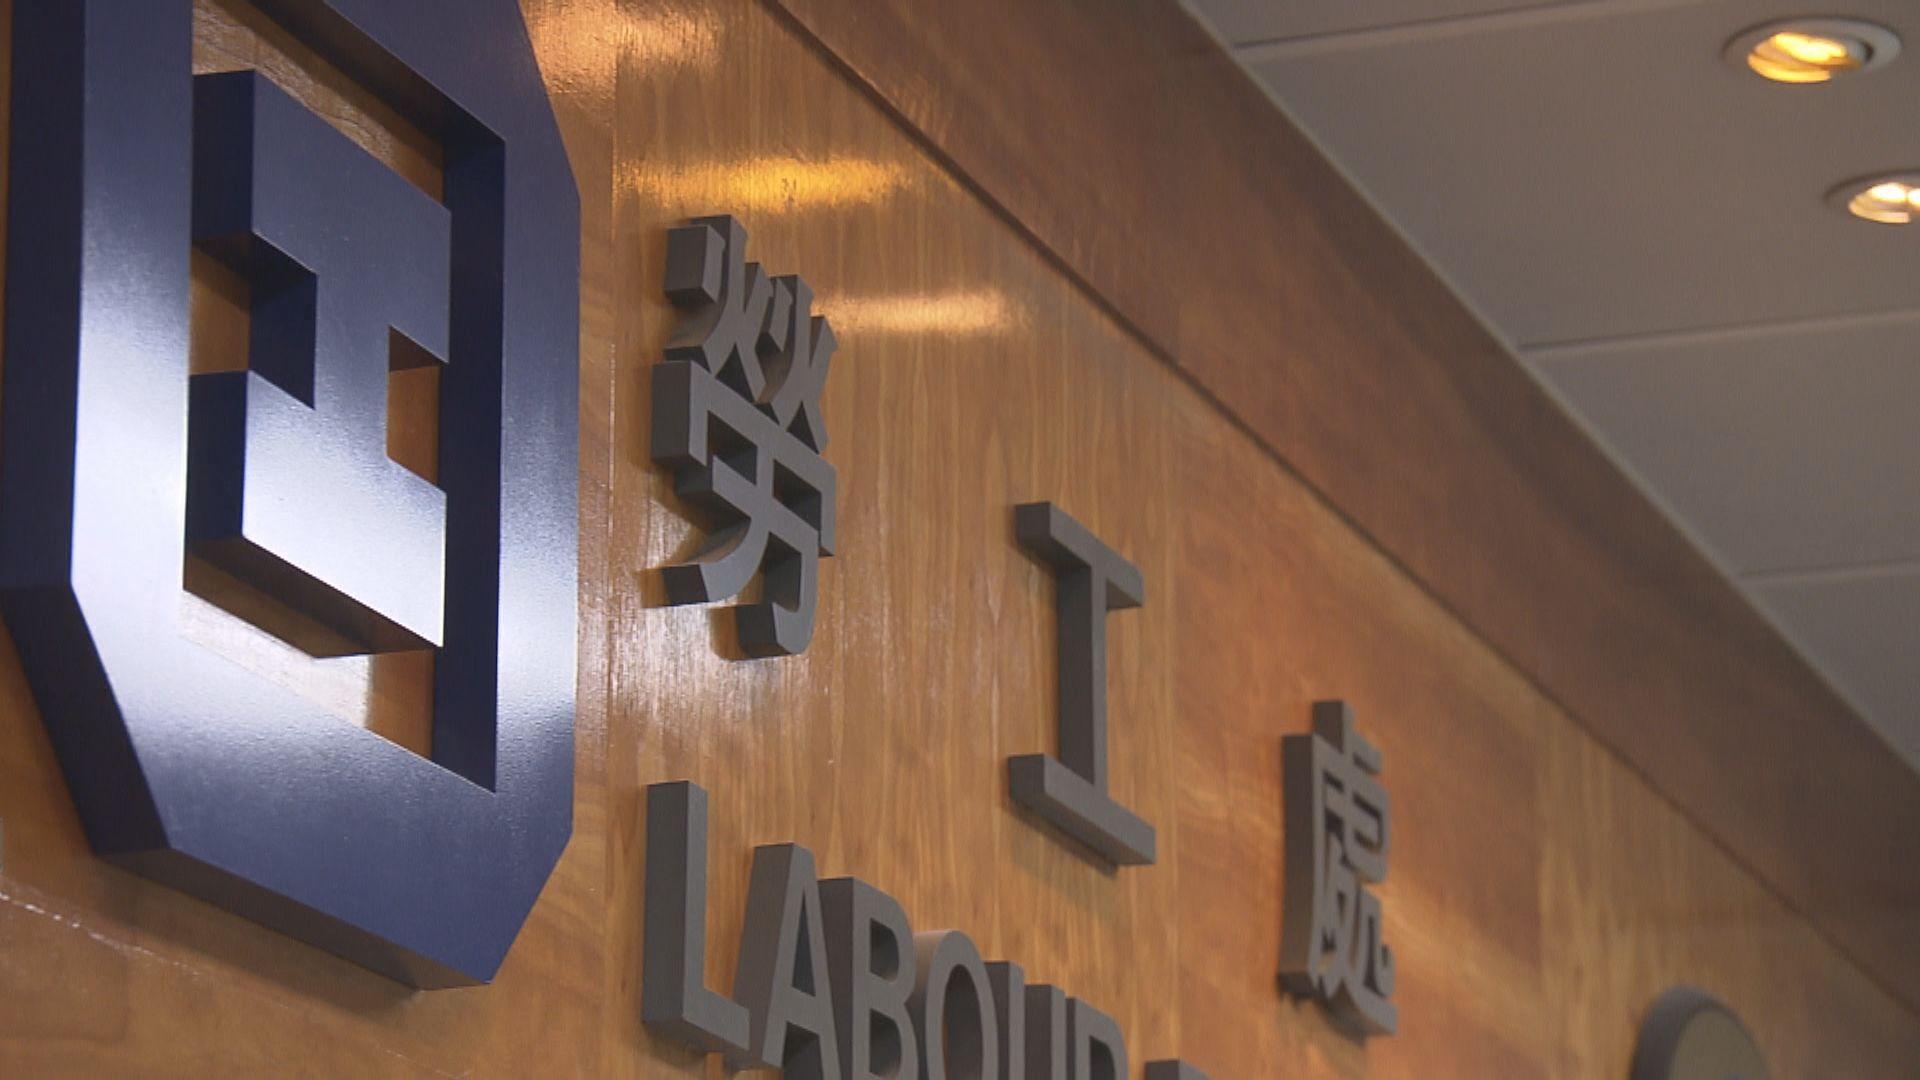 審計報告建議勞工處全面檢討一般就業服務